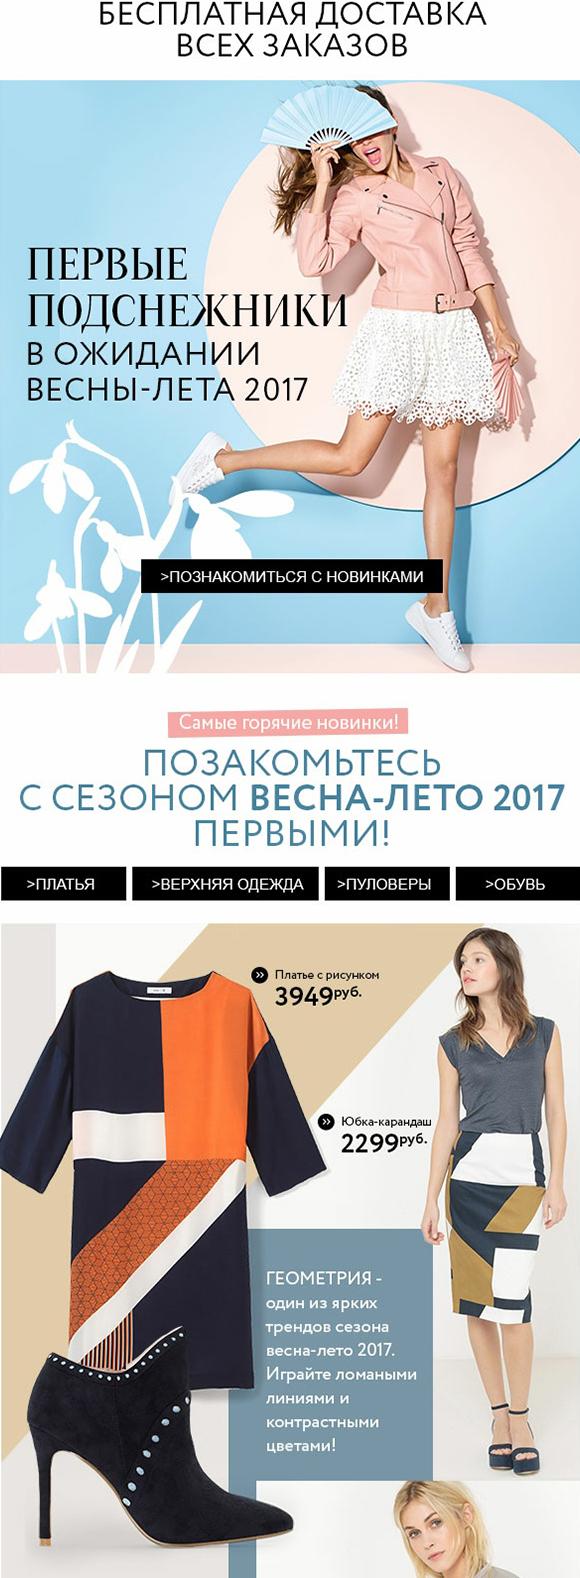 La Redoute – Первые новинки ВЕСНА-ЛЕТО 2017 уже на сайте! Доставим за 0 руб!